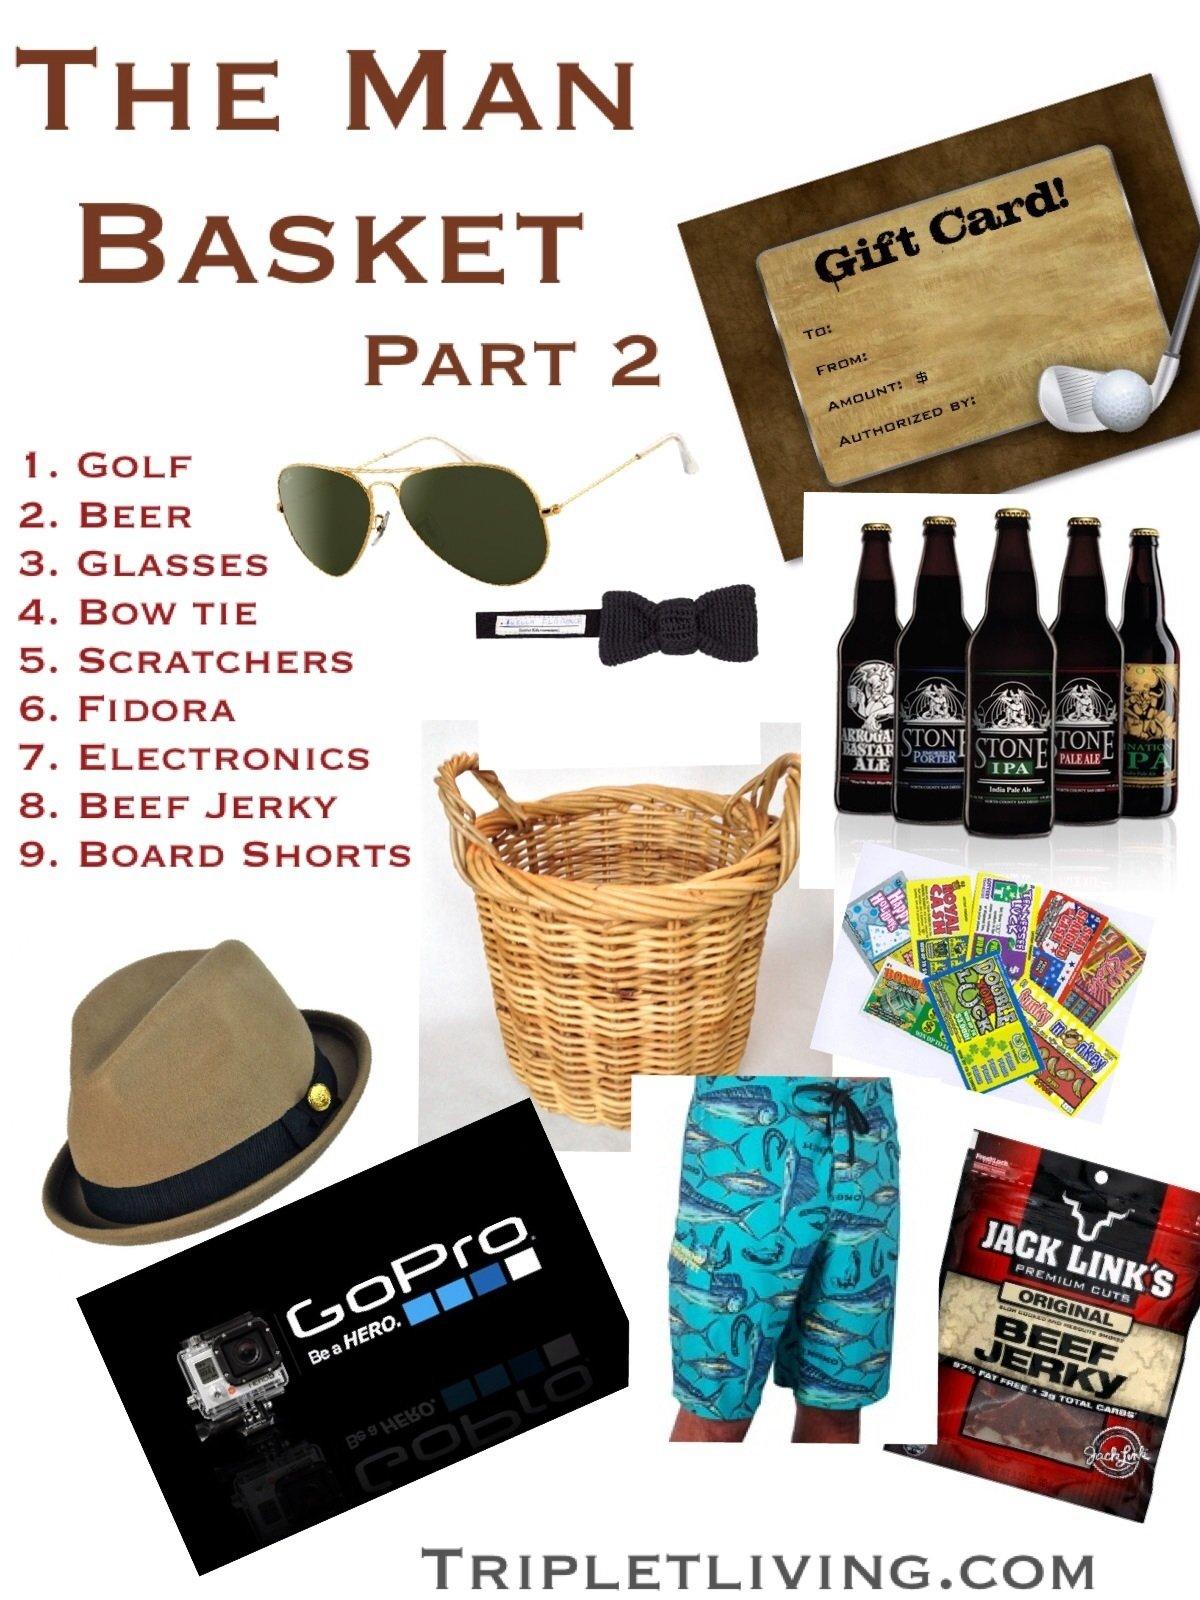 10 Elegant Easter Basket Ideas For Husband the man basket partii triplet living 1 2020